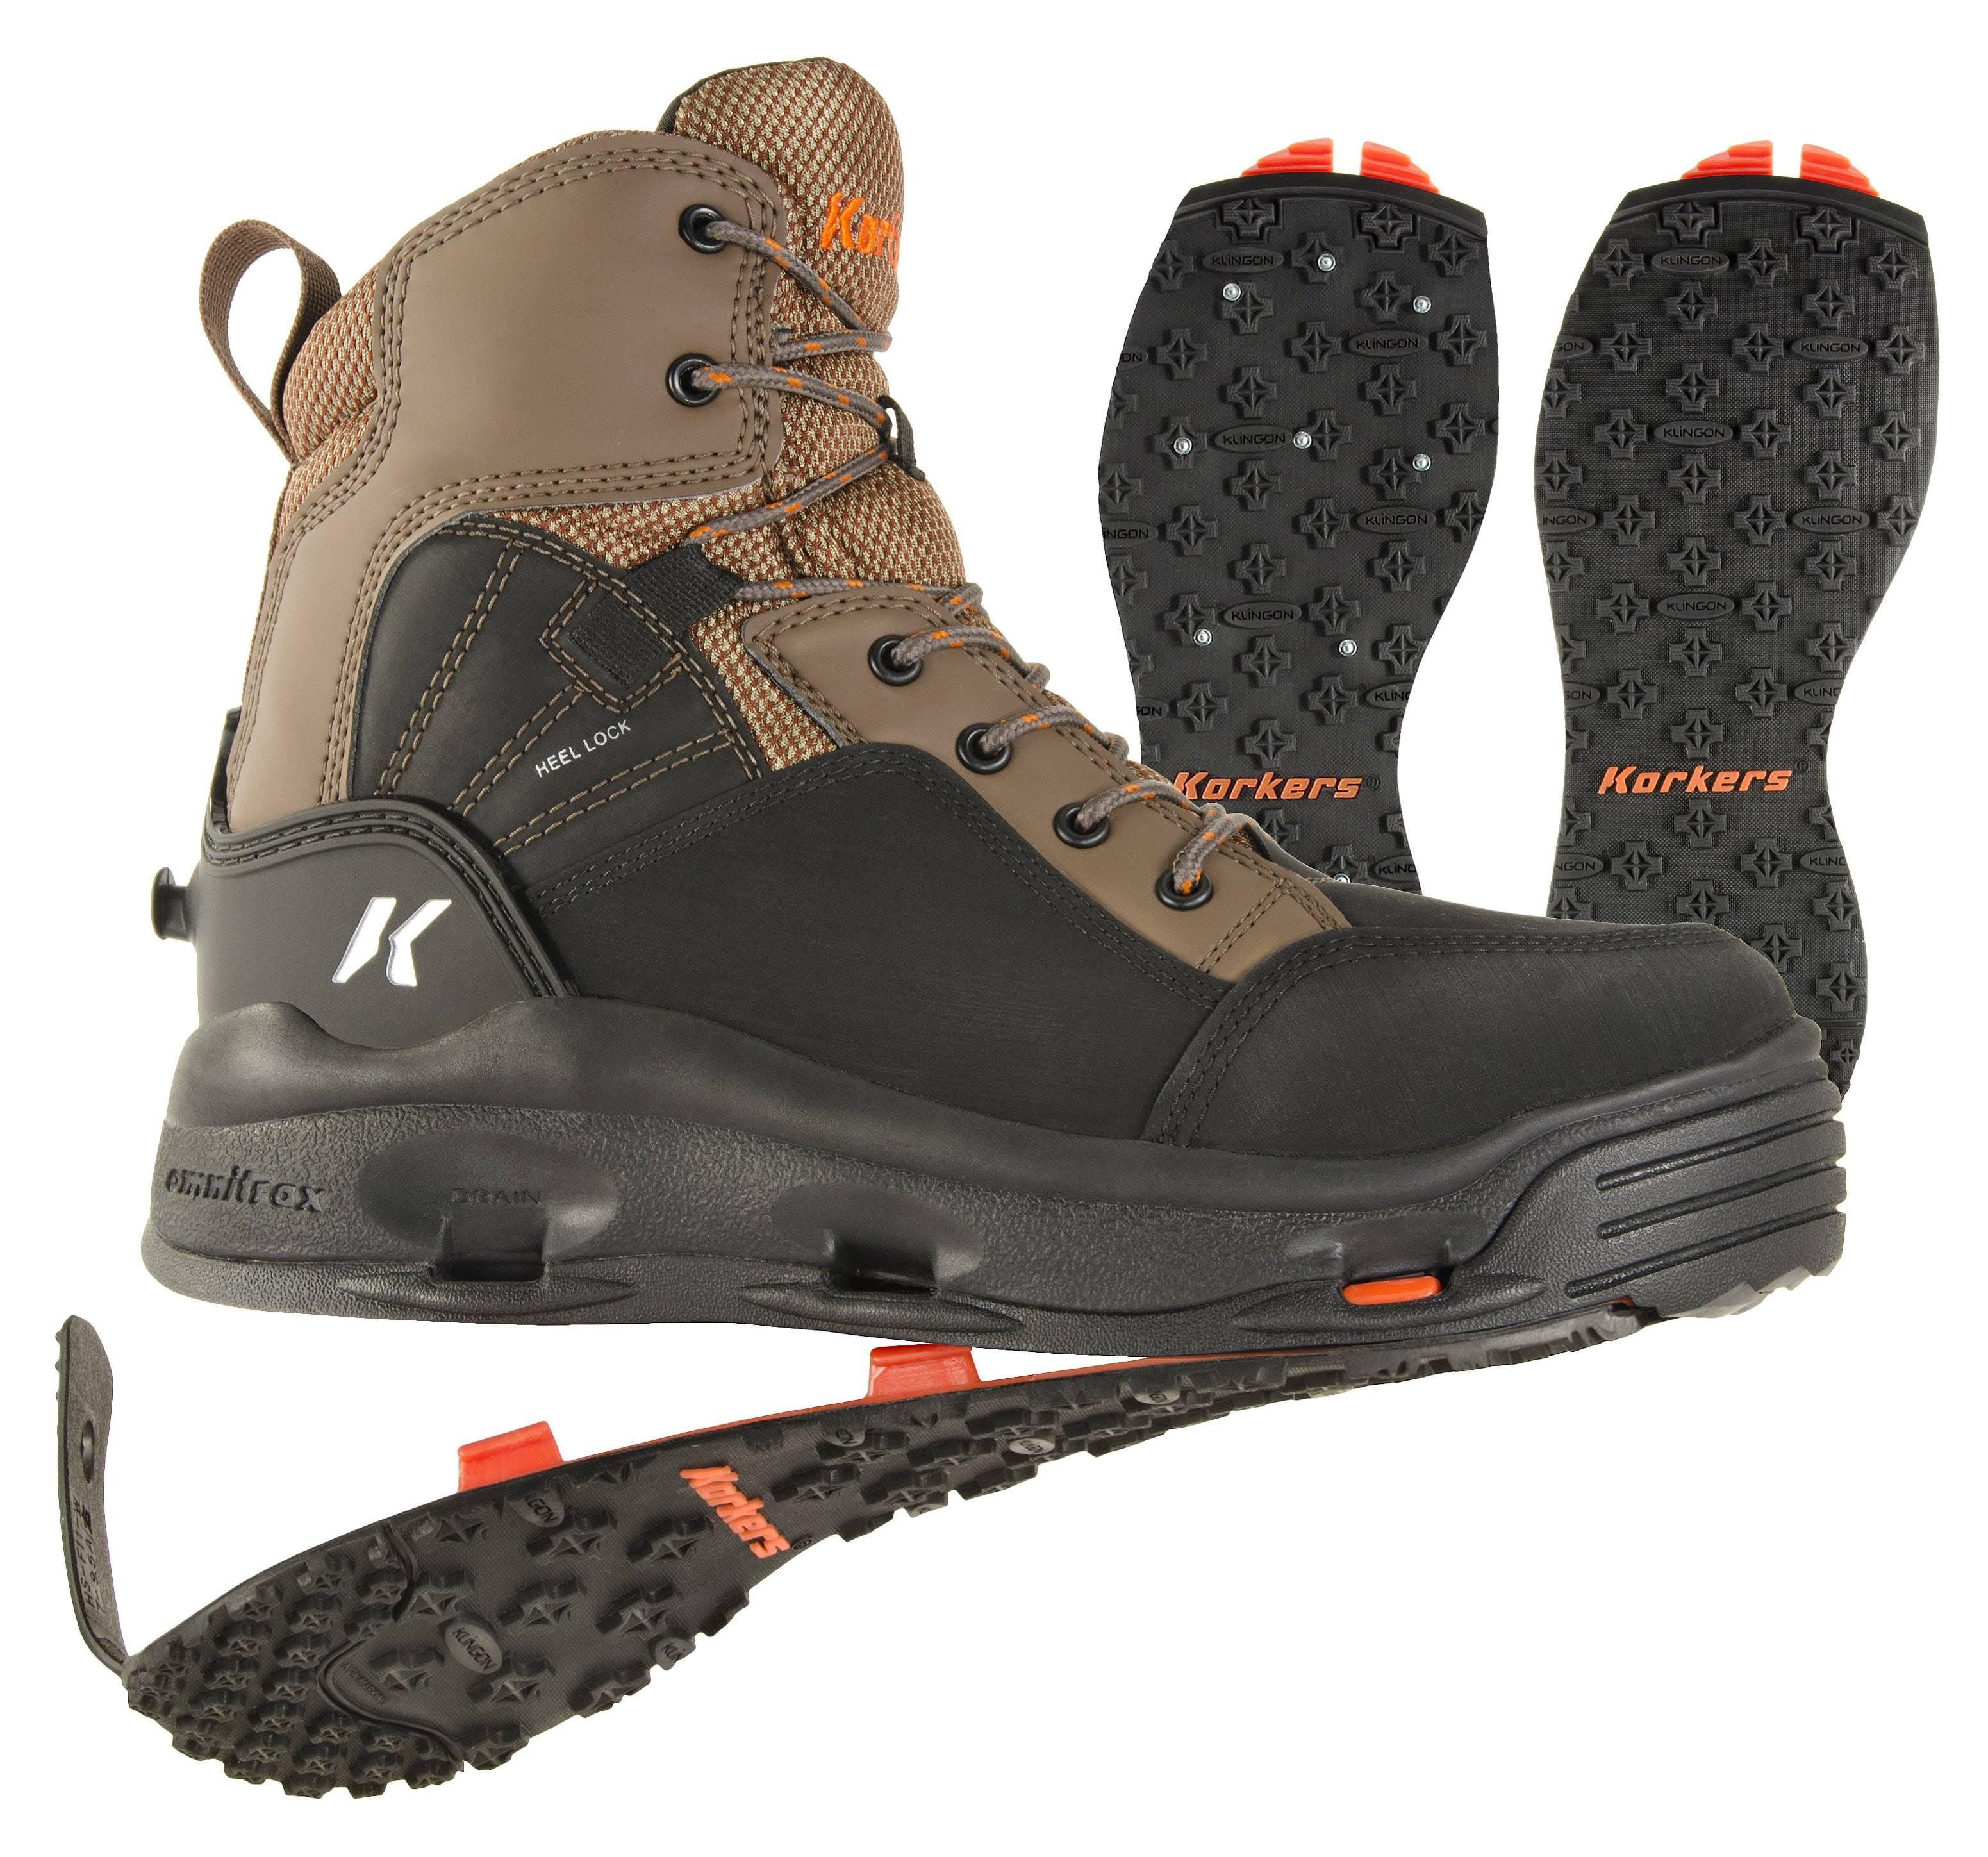 Korkers Buckskin Wading Boot - Felt & Kling-On 12